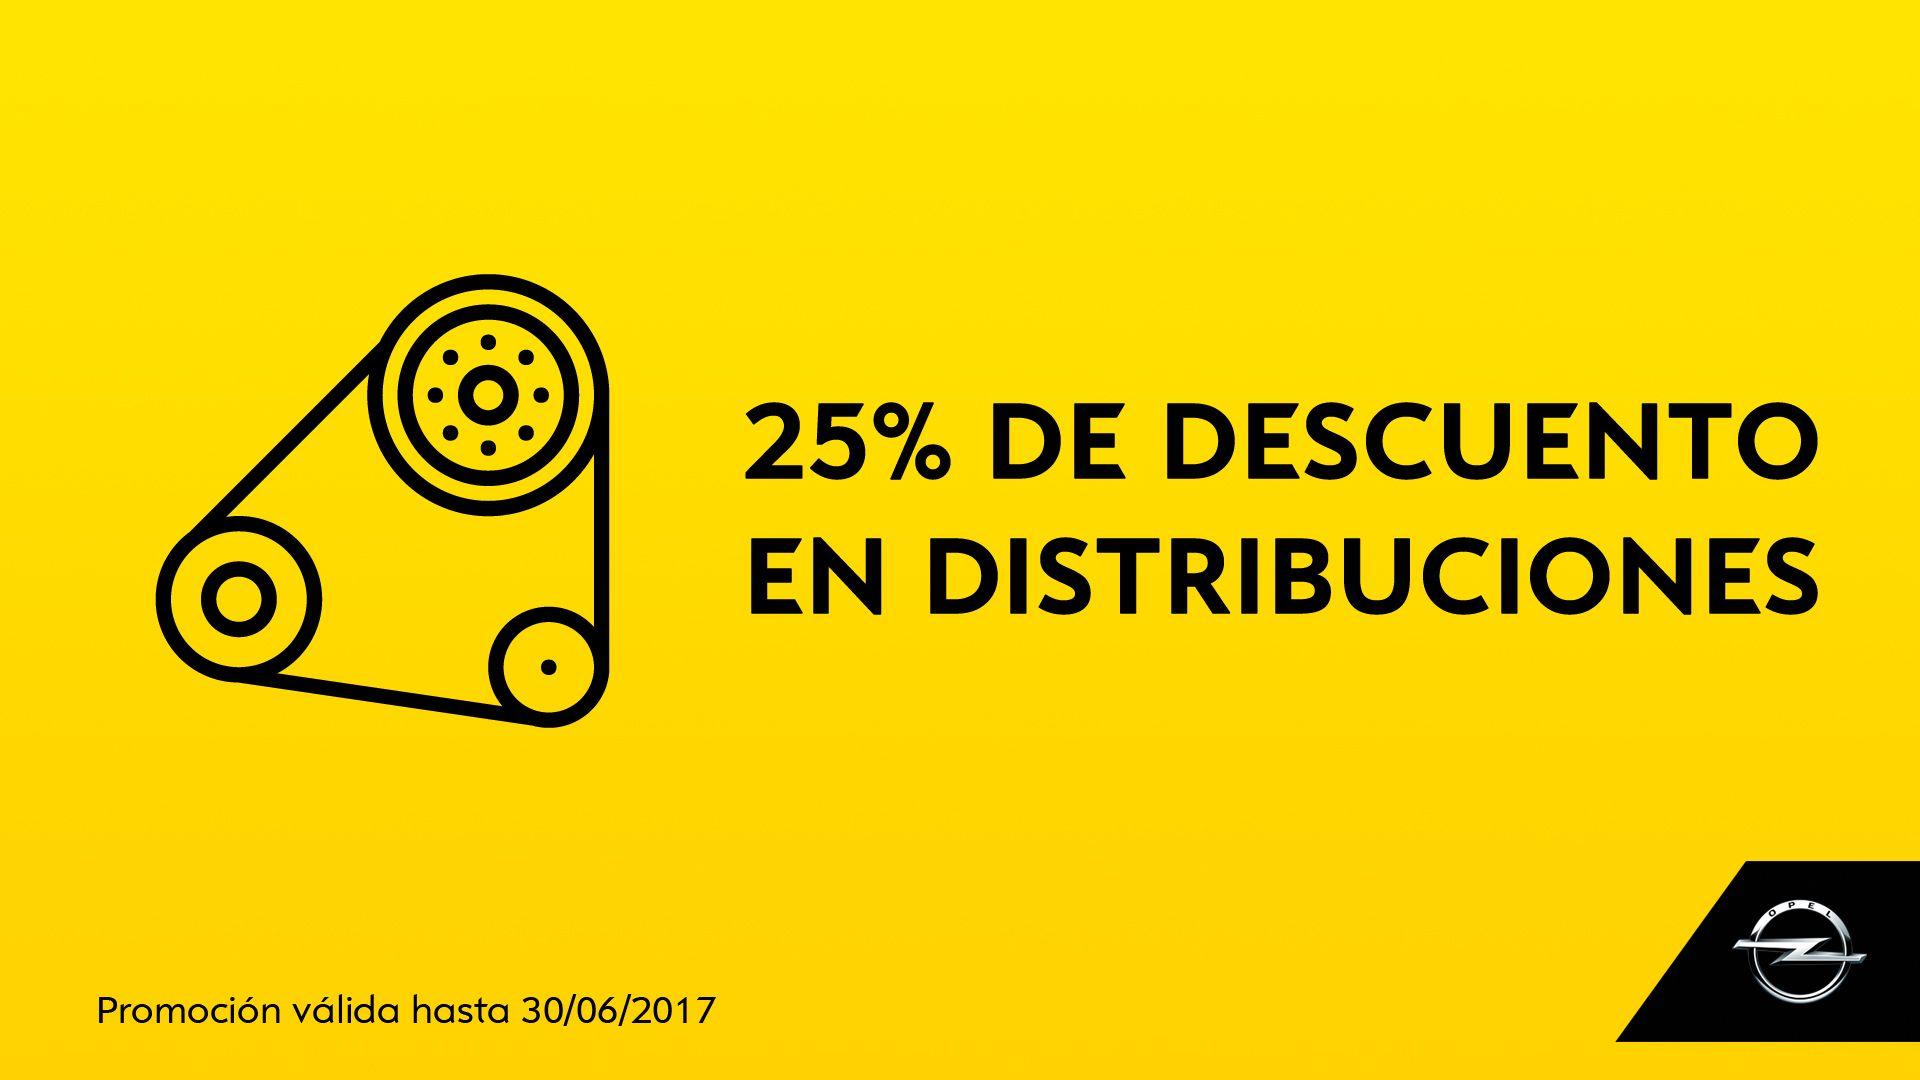 25% DE DESCUENTO EN DISTRIBUCIONES